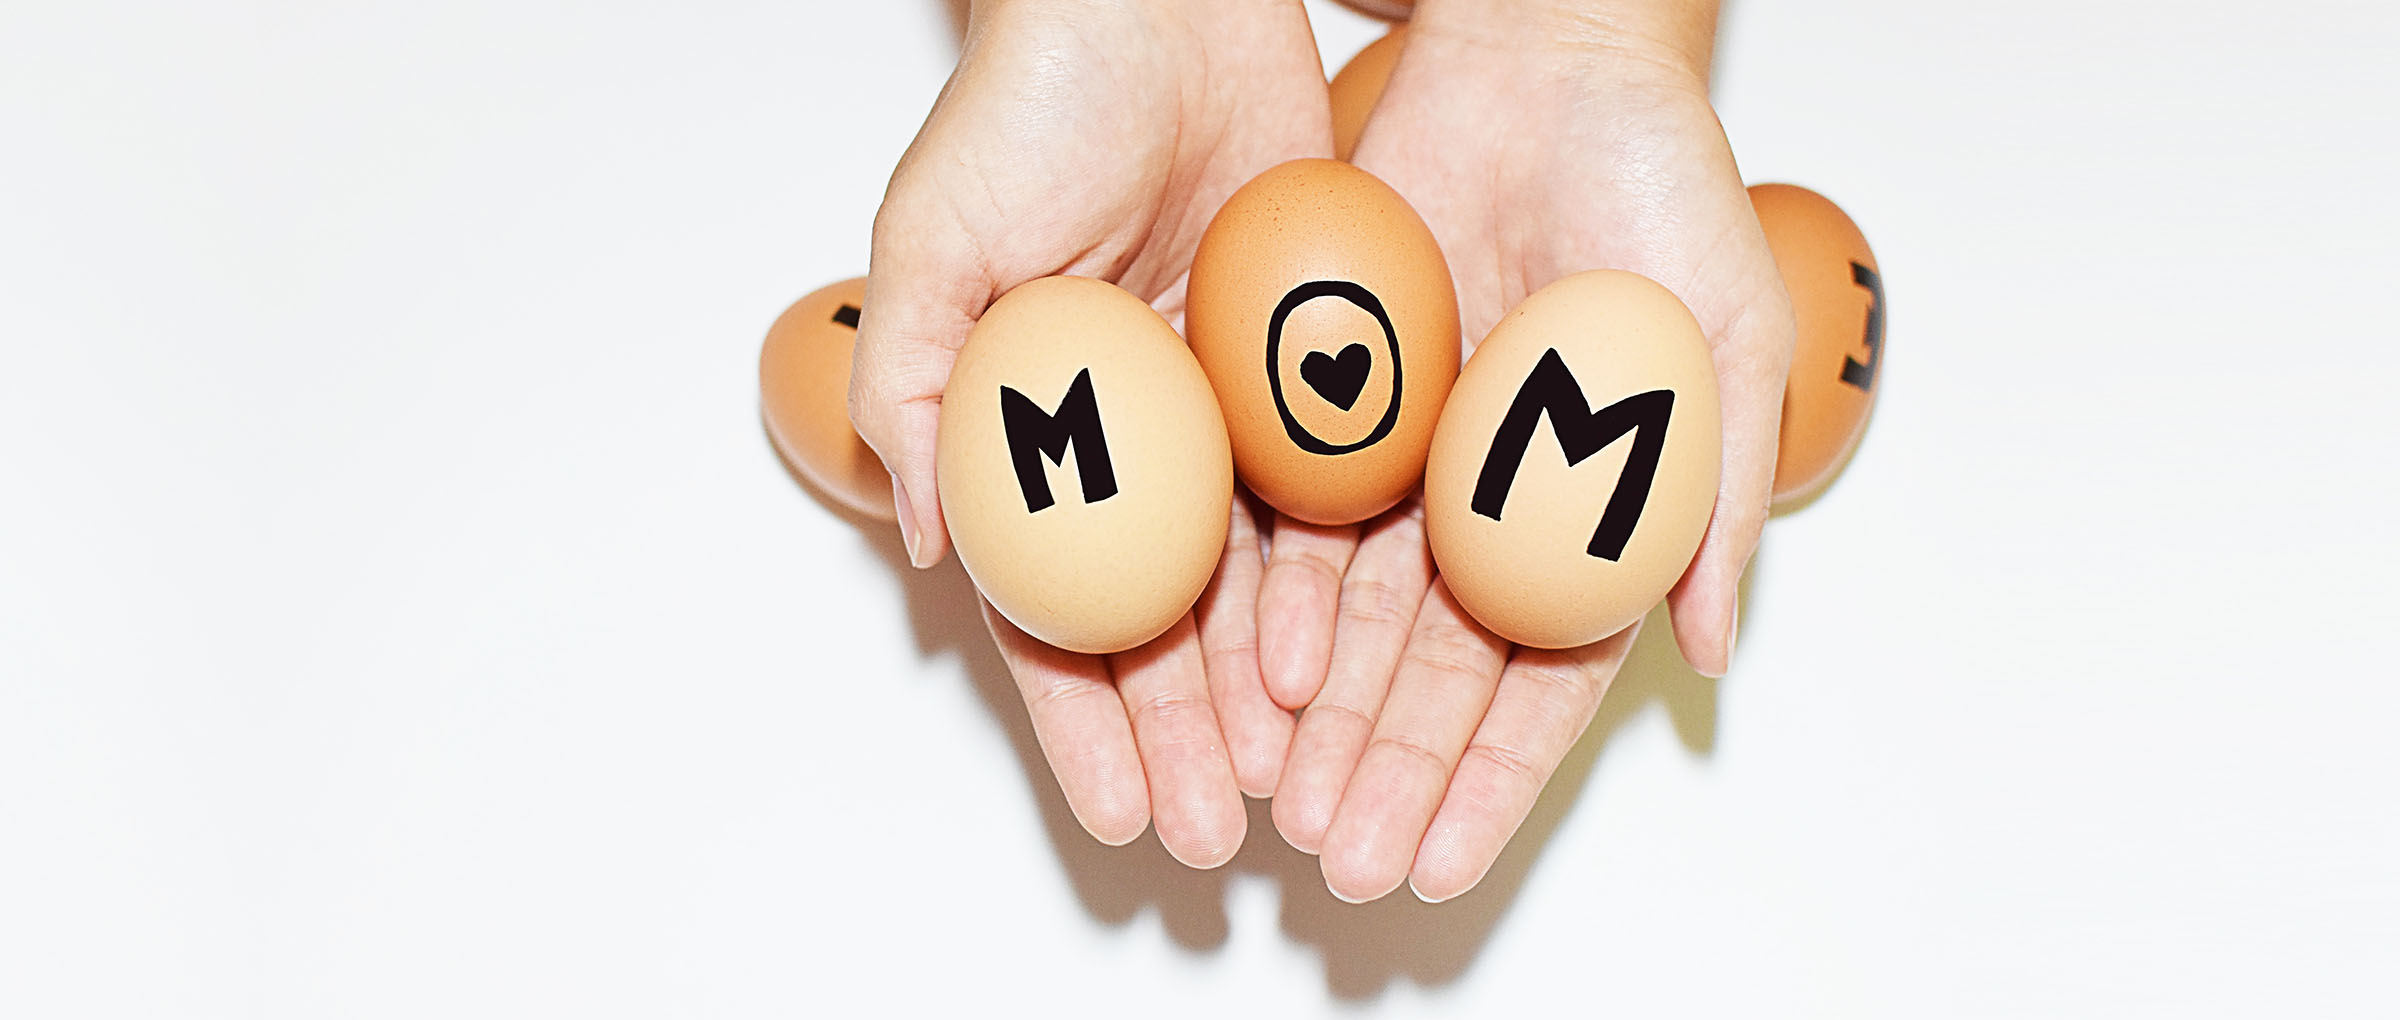 Donar óvulos de forma anónima